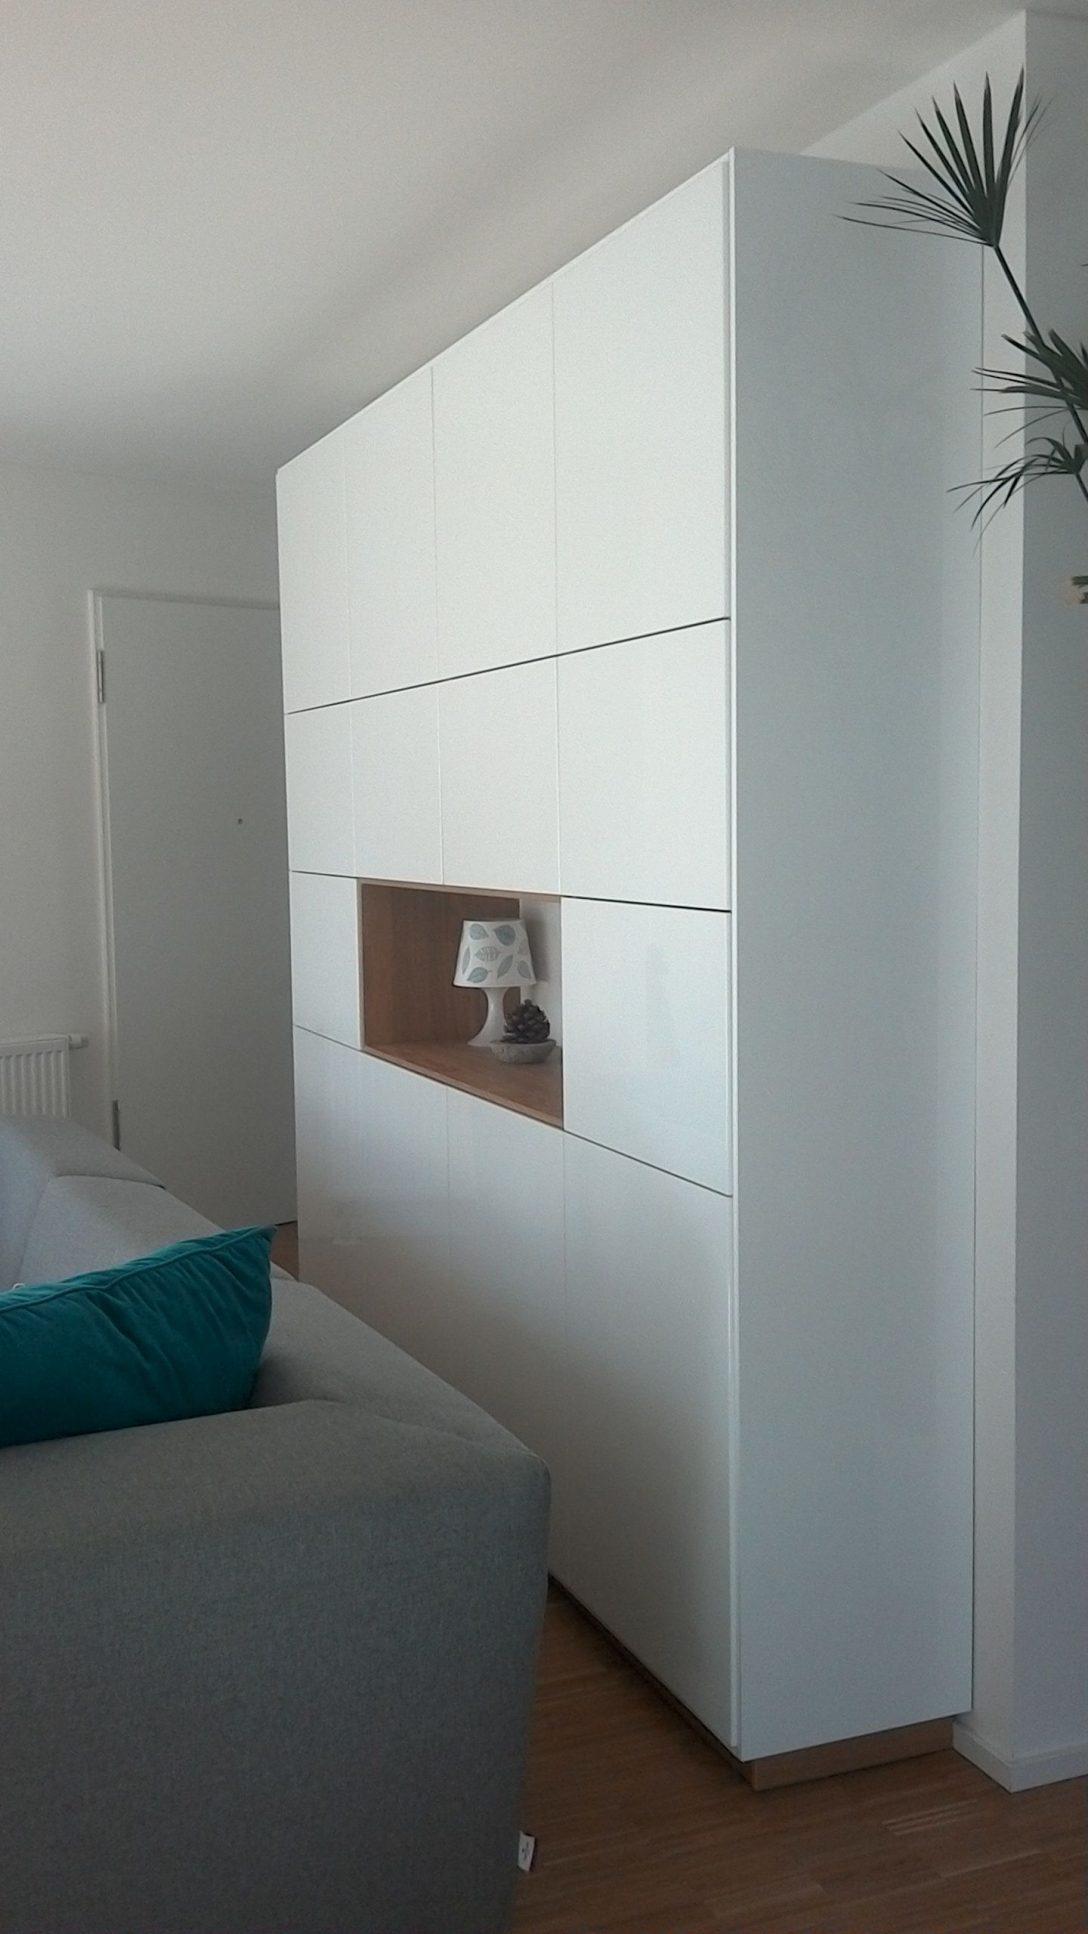 Large Size of Ikea Wohnzimmerschrank Method Ringhult Plus Hyttan Als Betten Bei Modulküche Küche Kaufen Kosten 160x200 Sofa Mit Schlaffunktion Miniküche Wohnzimmer Ikea Wohnzimmerschrank